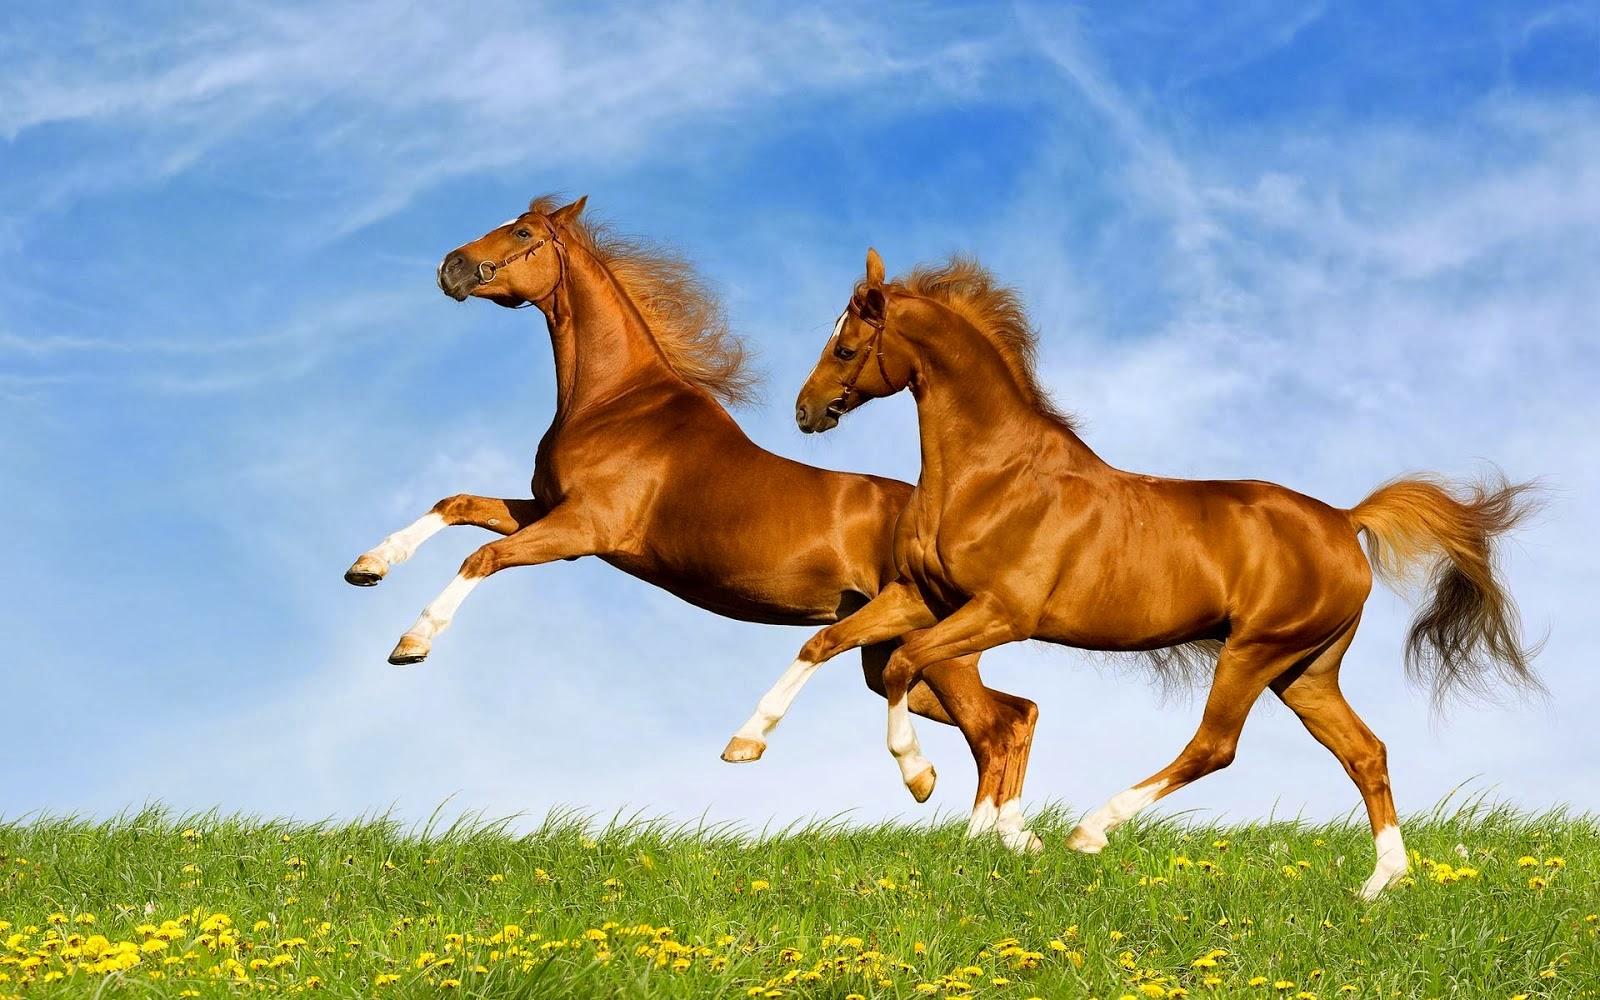 بالصور اجمل صور خيول , اجمل الخيول الساحرة 3579 10